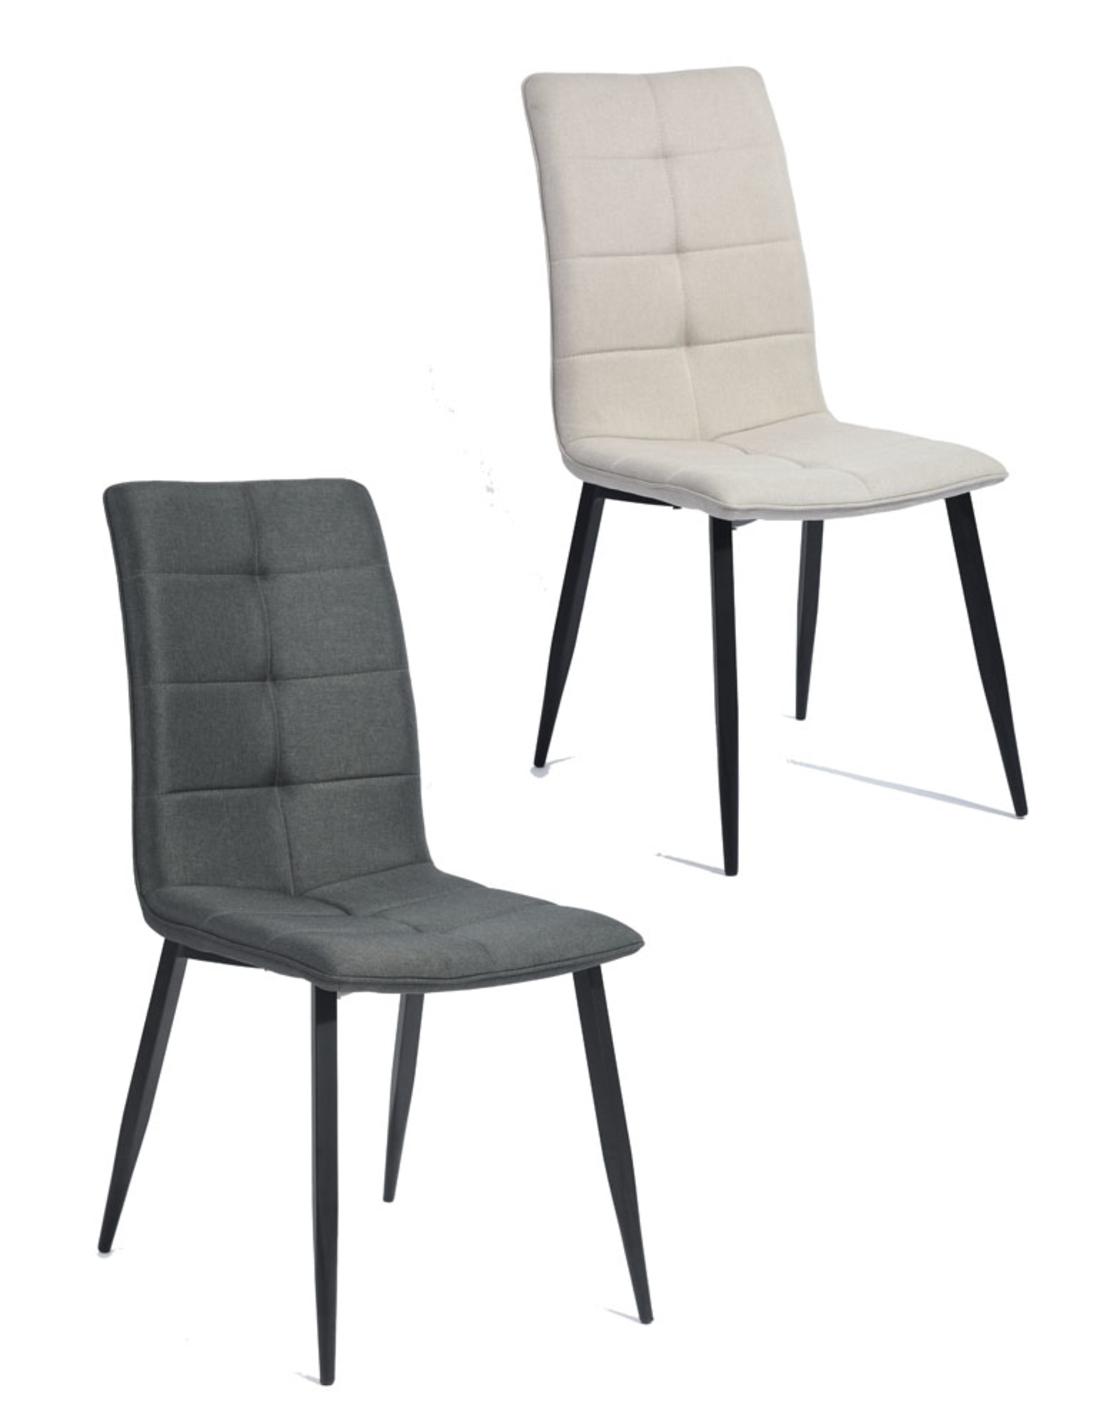 מקס - כיסא רב תכליתי מבית HOMAX